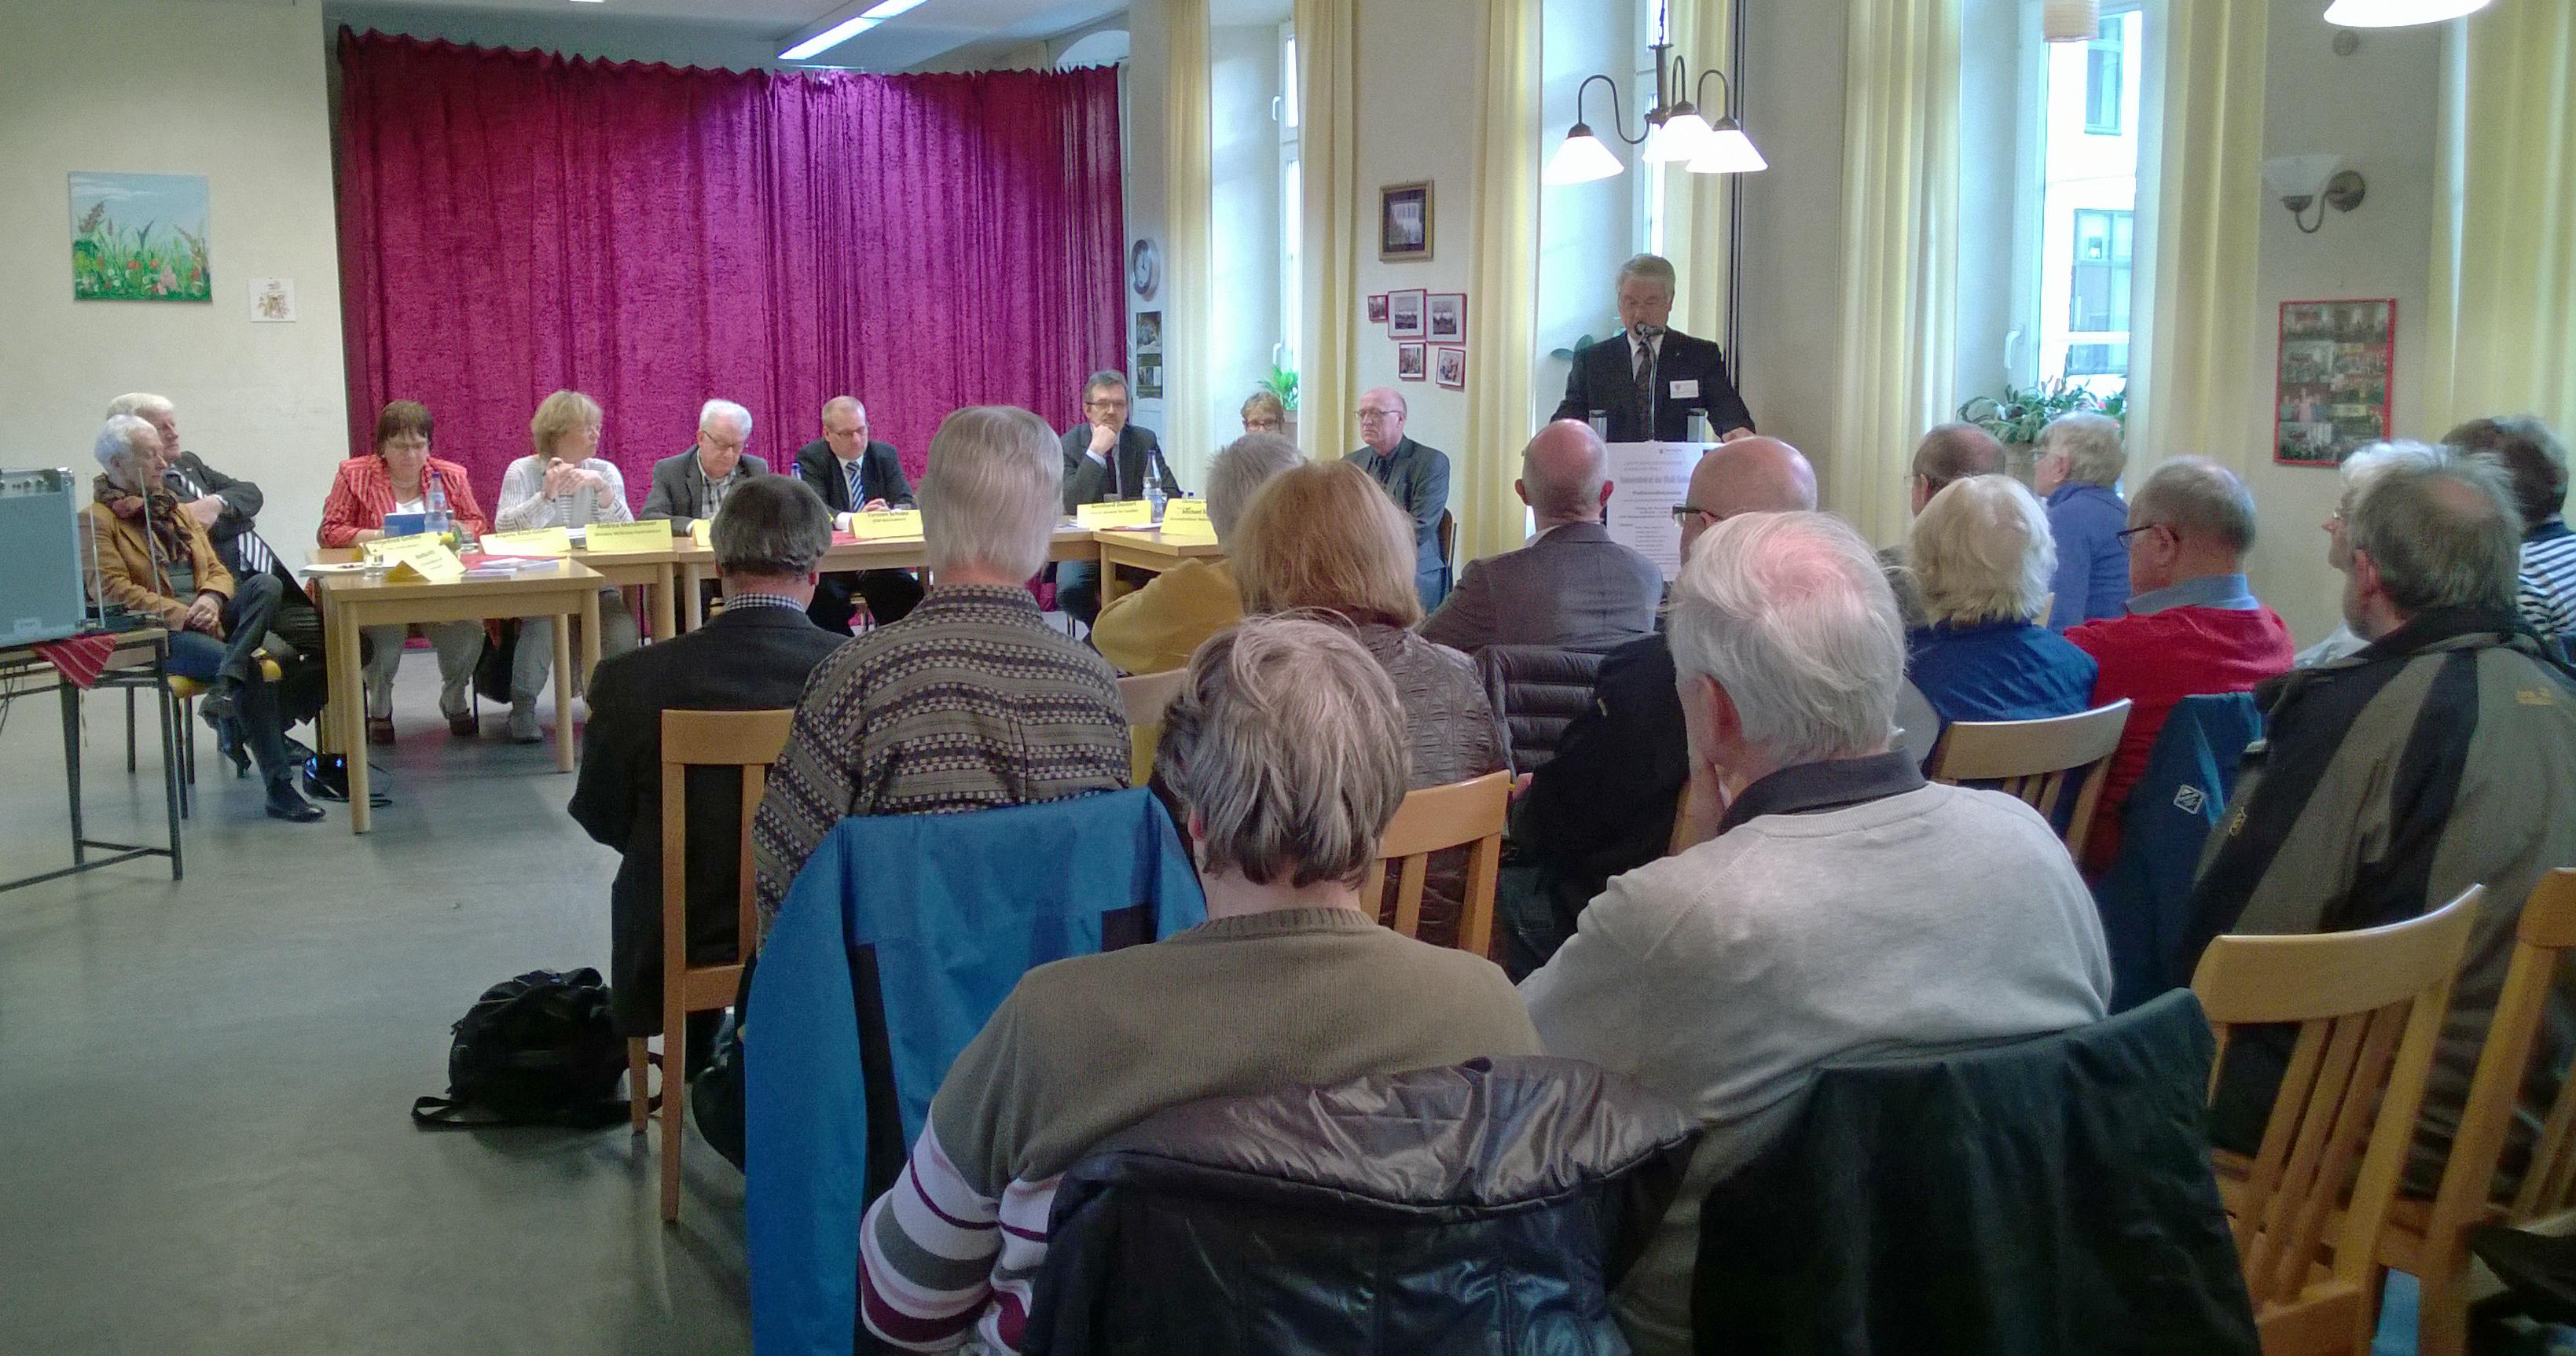 Prof. Borck begrüßt die Teilnehmer der Podiumsdiskussion